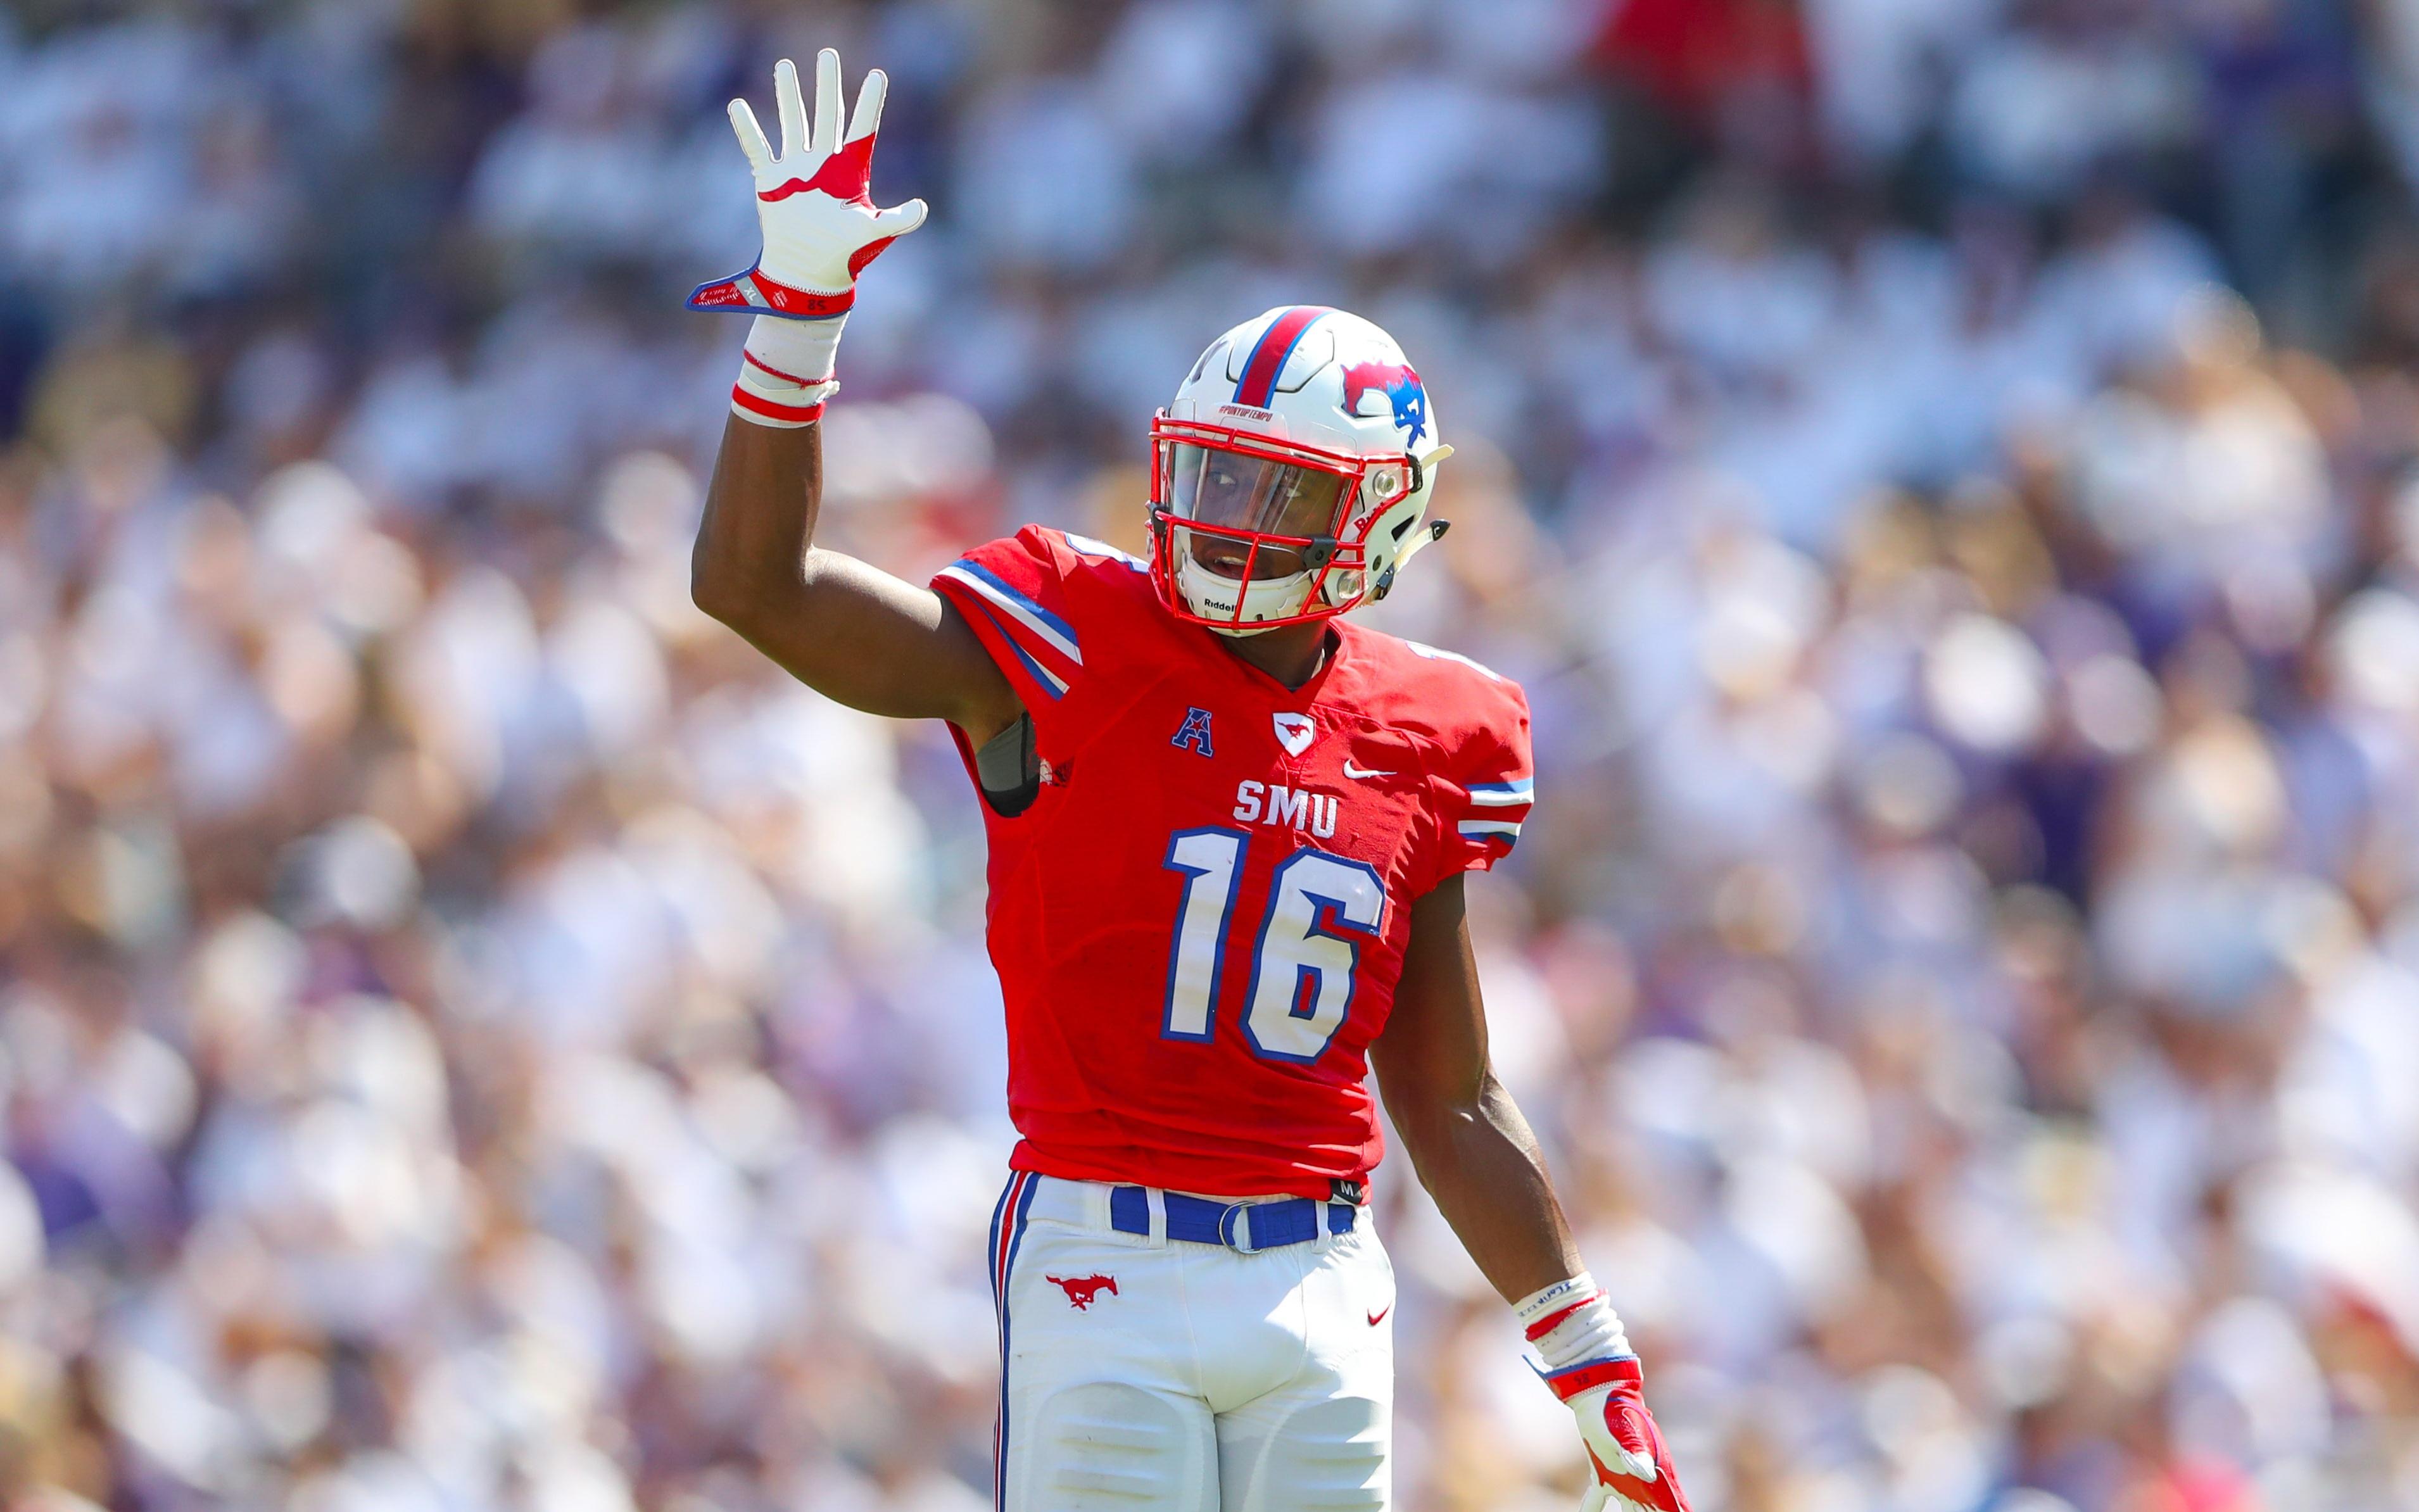 Denver Broncos: Get to know new WR Courtland Sutton